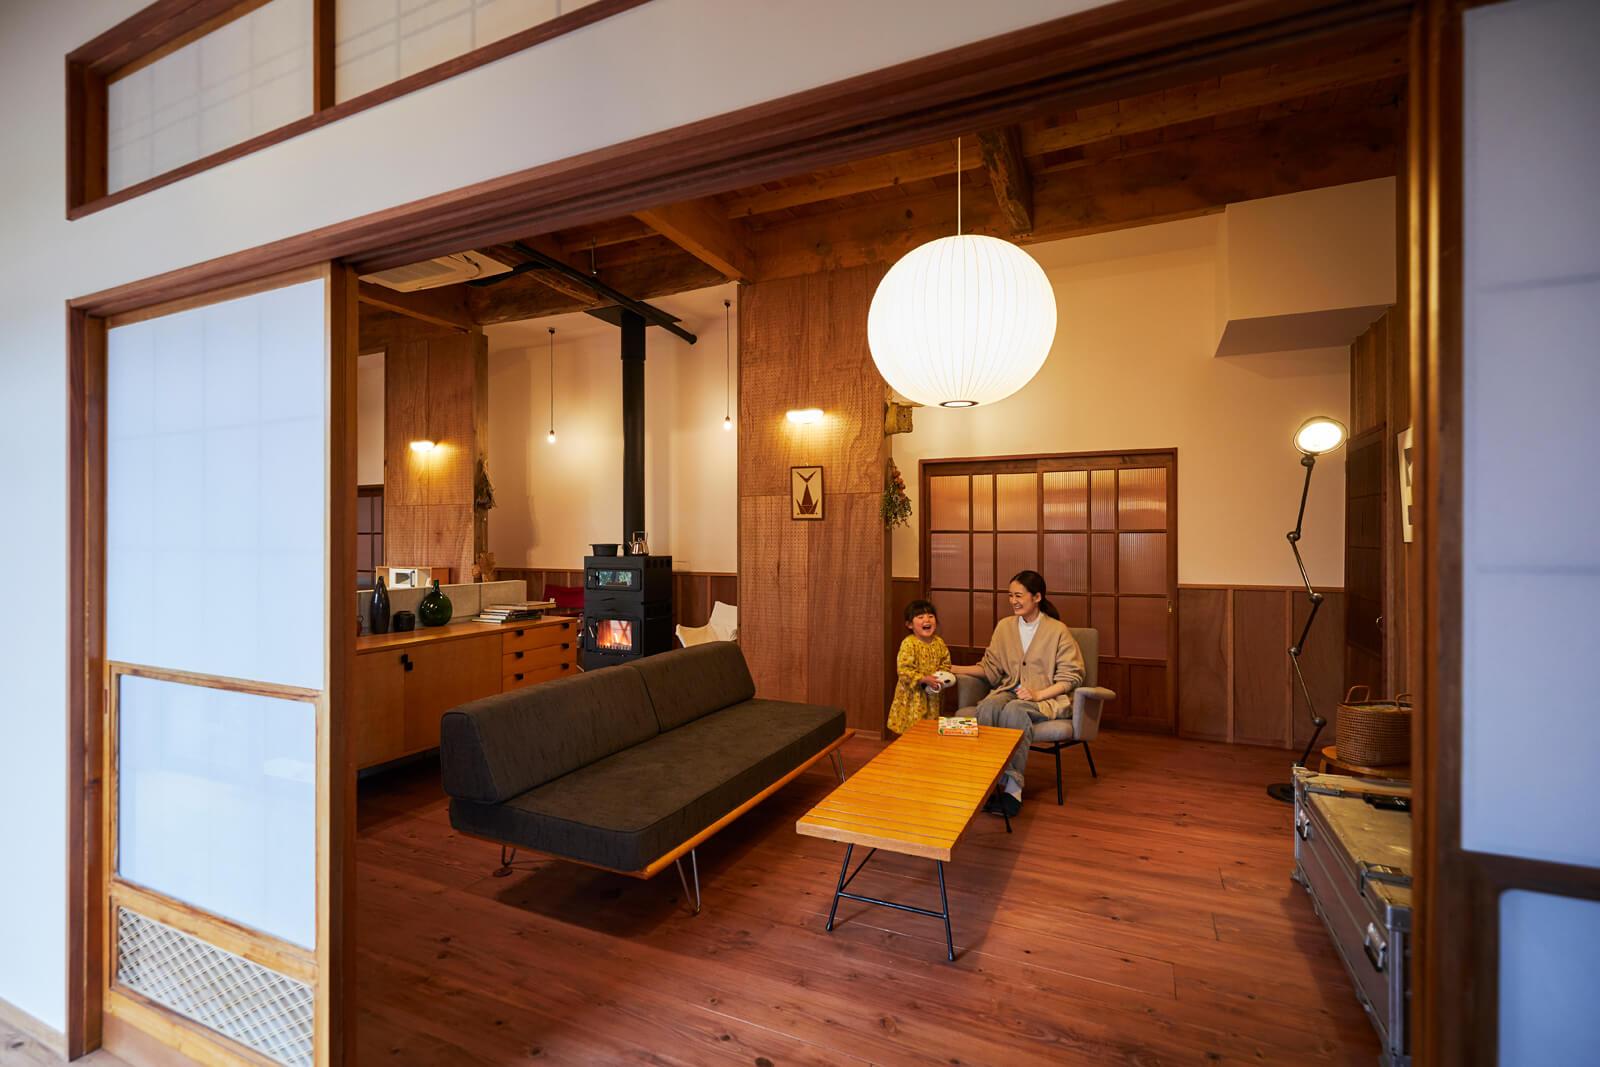 LDK内をできるだけ均一な温度に保つという暖房面と、この家の象徴という意匠面から、空間の中央に薪ストーブを置いた